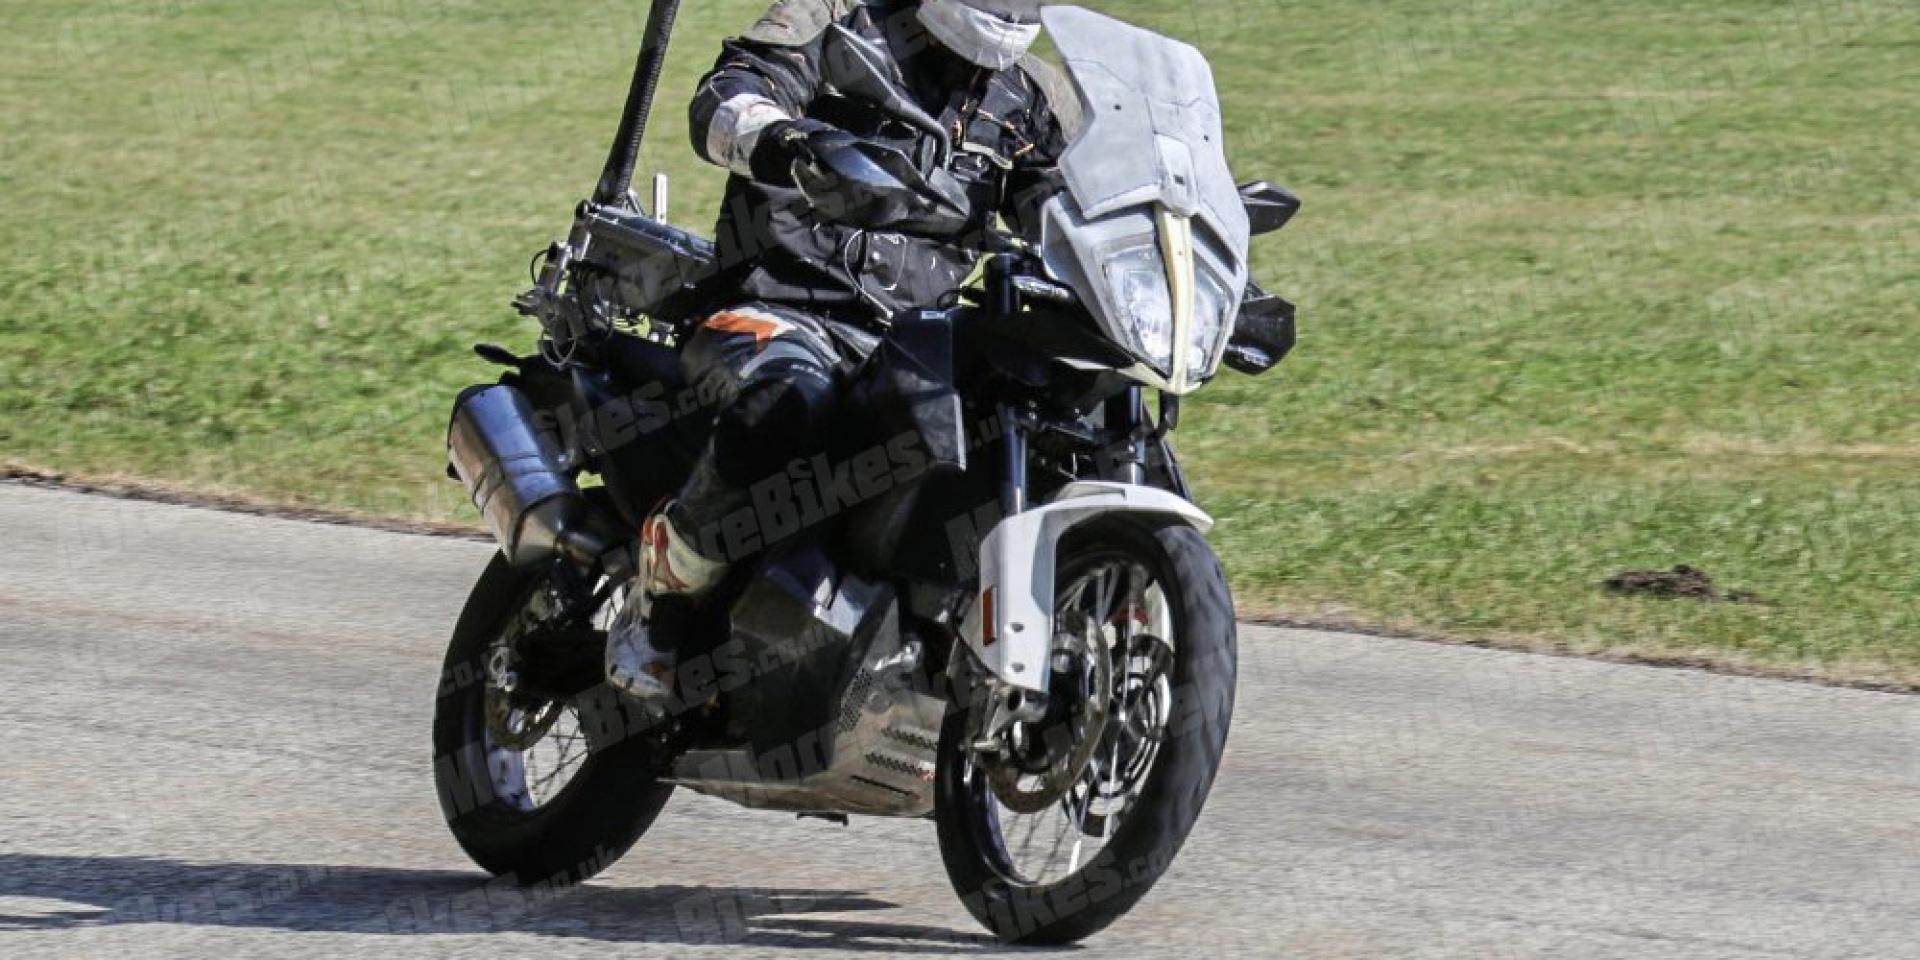 奧地利雙缸公爵。KTM 1290/790 Adventure家族 測試車再度捕獲